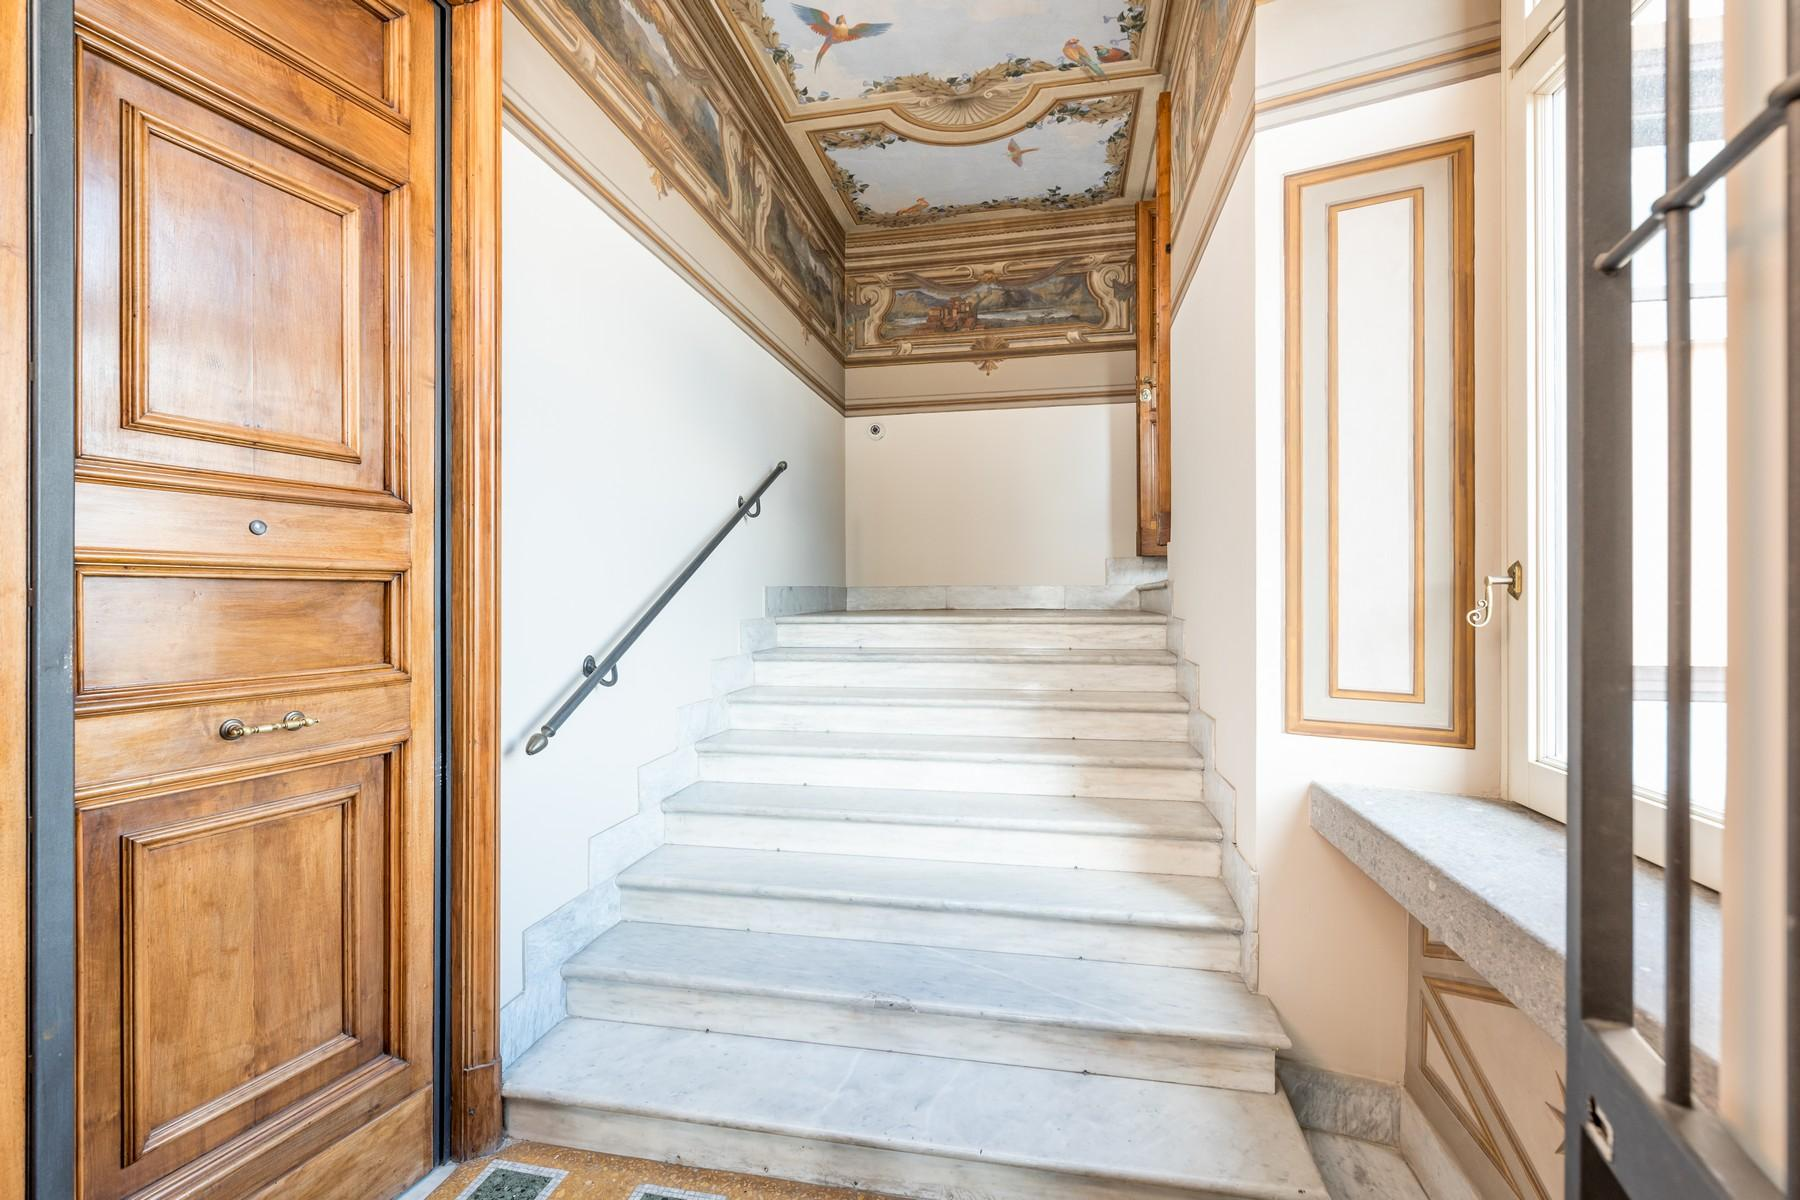 位于著名的Brasini别墅内的优雅的公寓 - 17